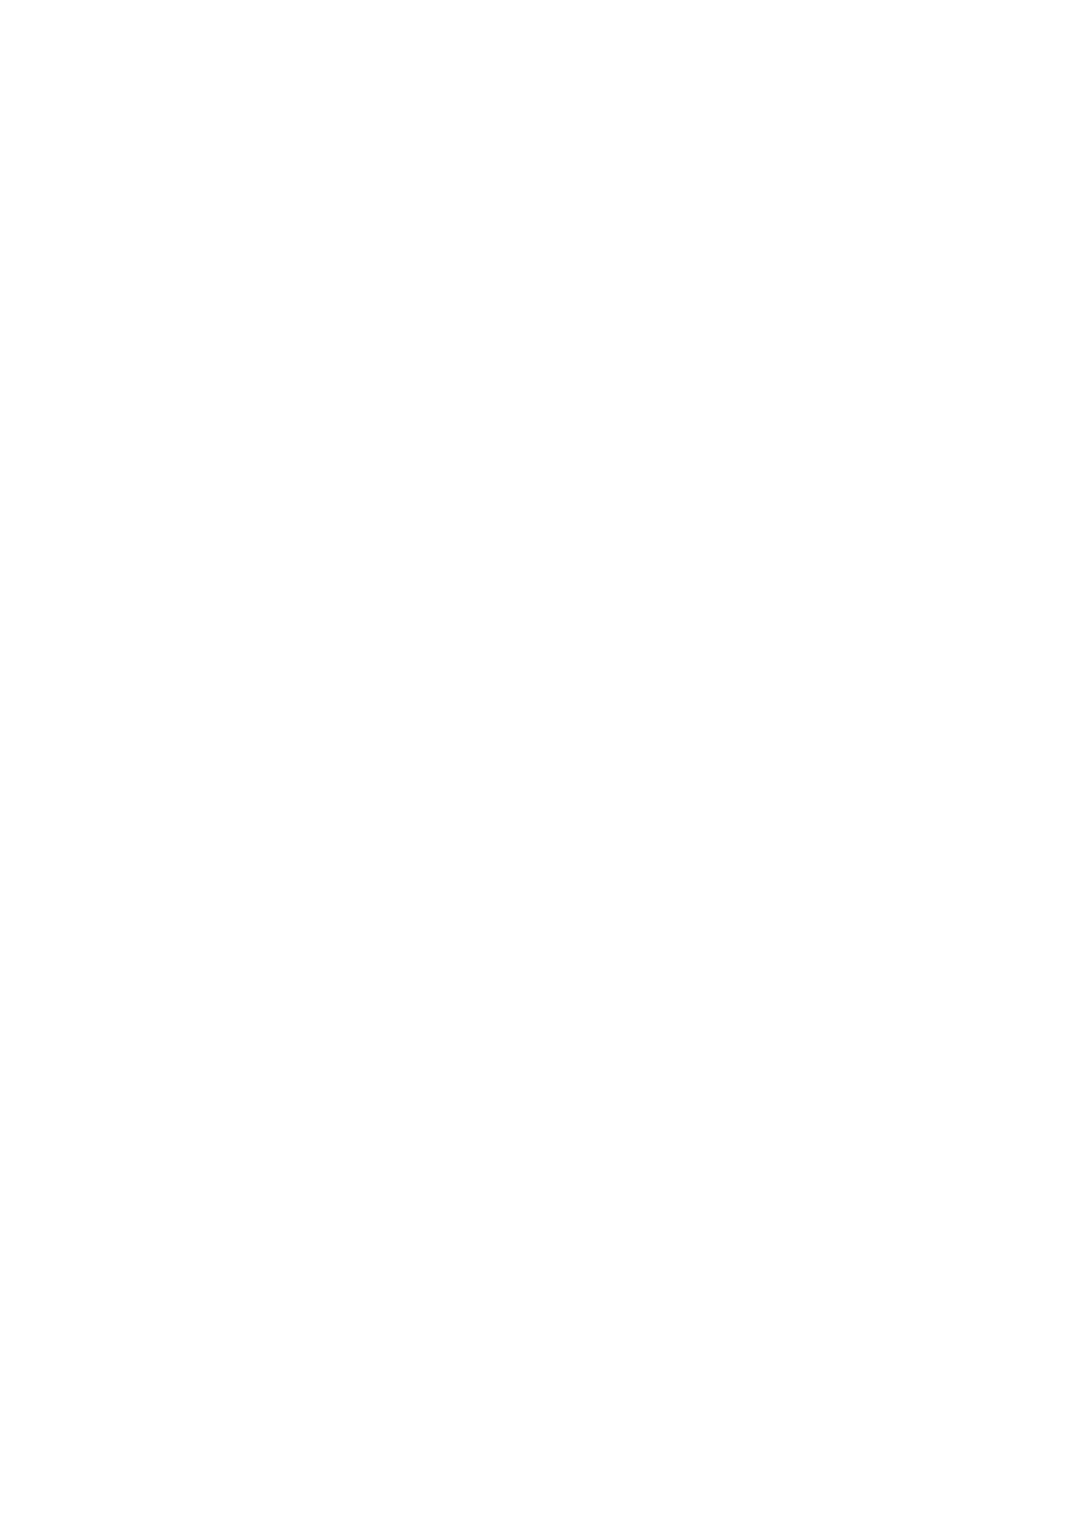 【東方Projectエロ漫画】ミスティアは男に催眠をかけられ、卵をマンコに入れられたりお酒を体に塗って舐められる変態プレイをさせられる【ラクリア】